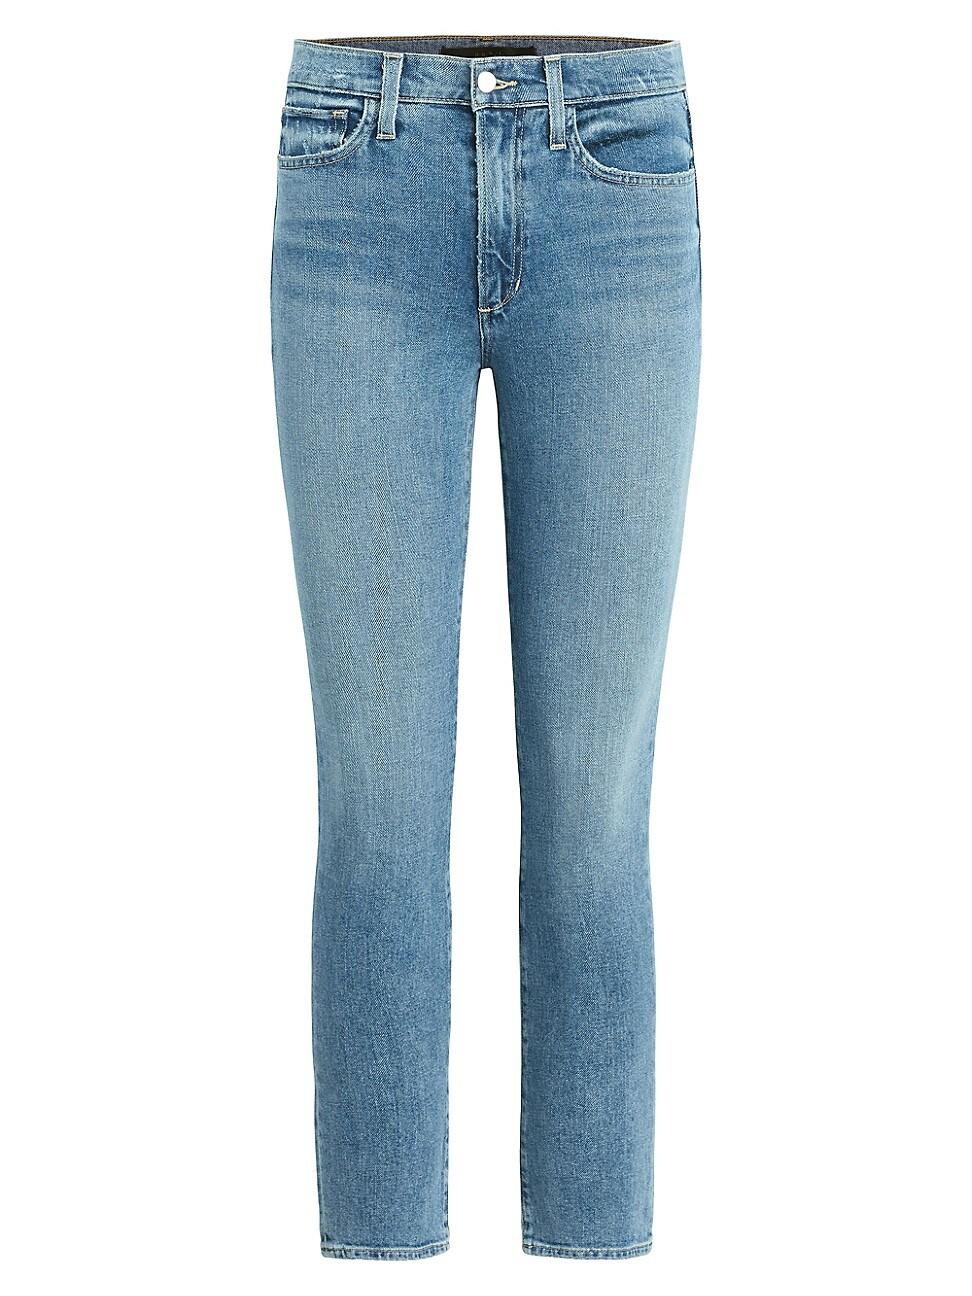 Joe's Jeans WOMEN'S THE LUNA CROP JEANS